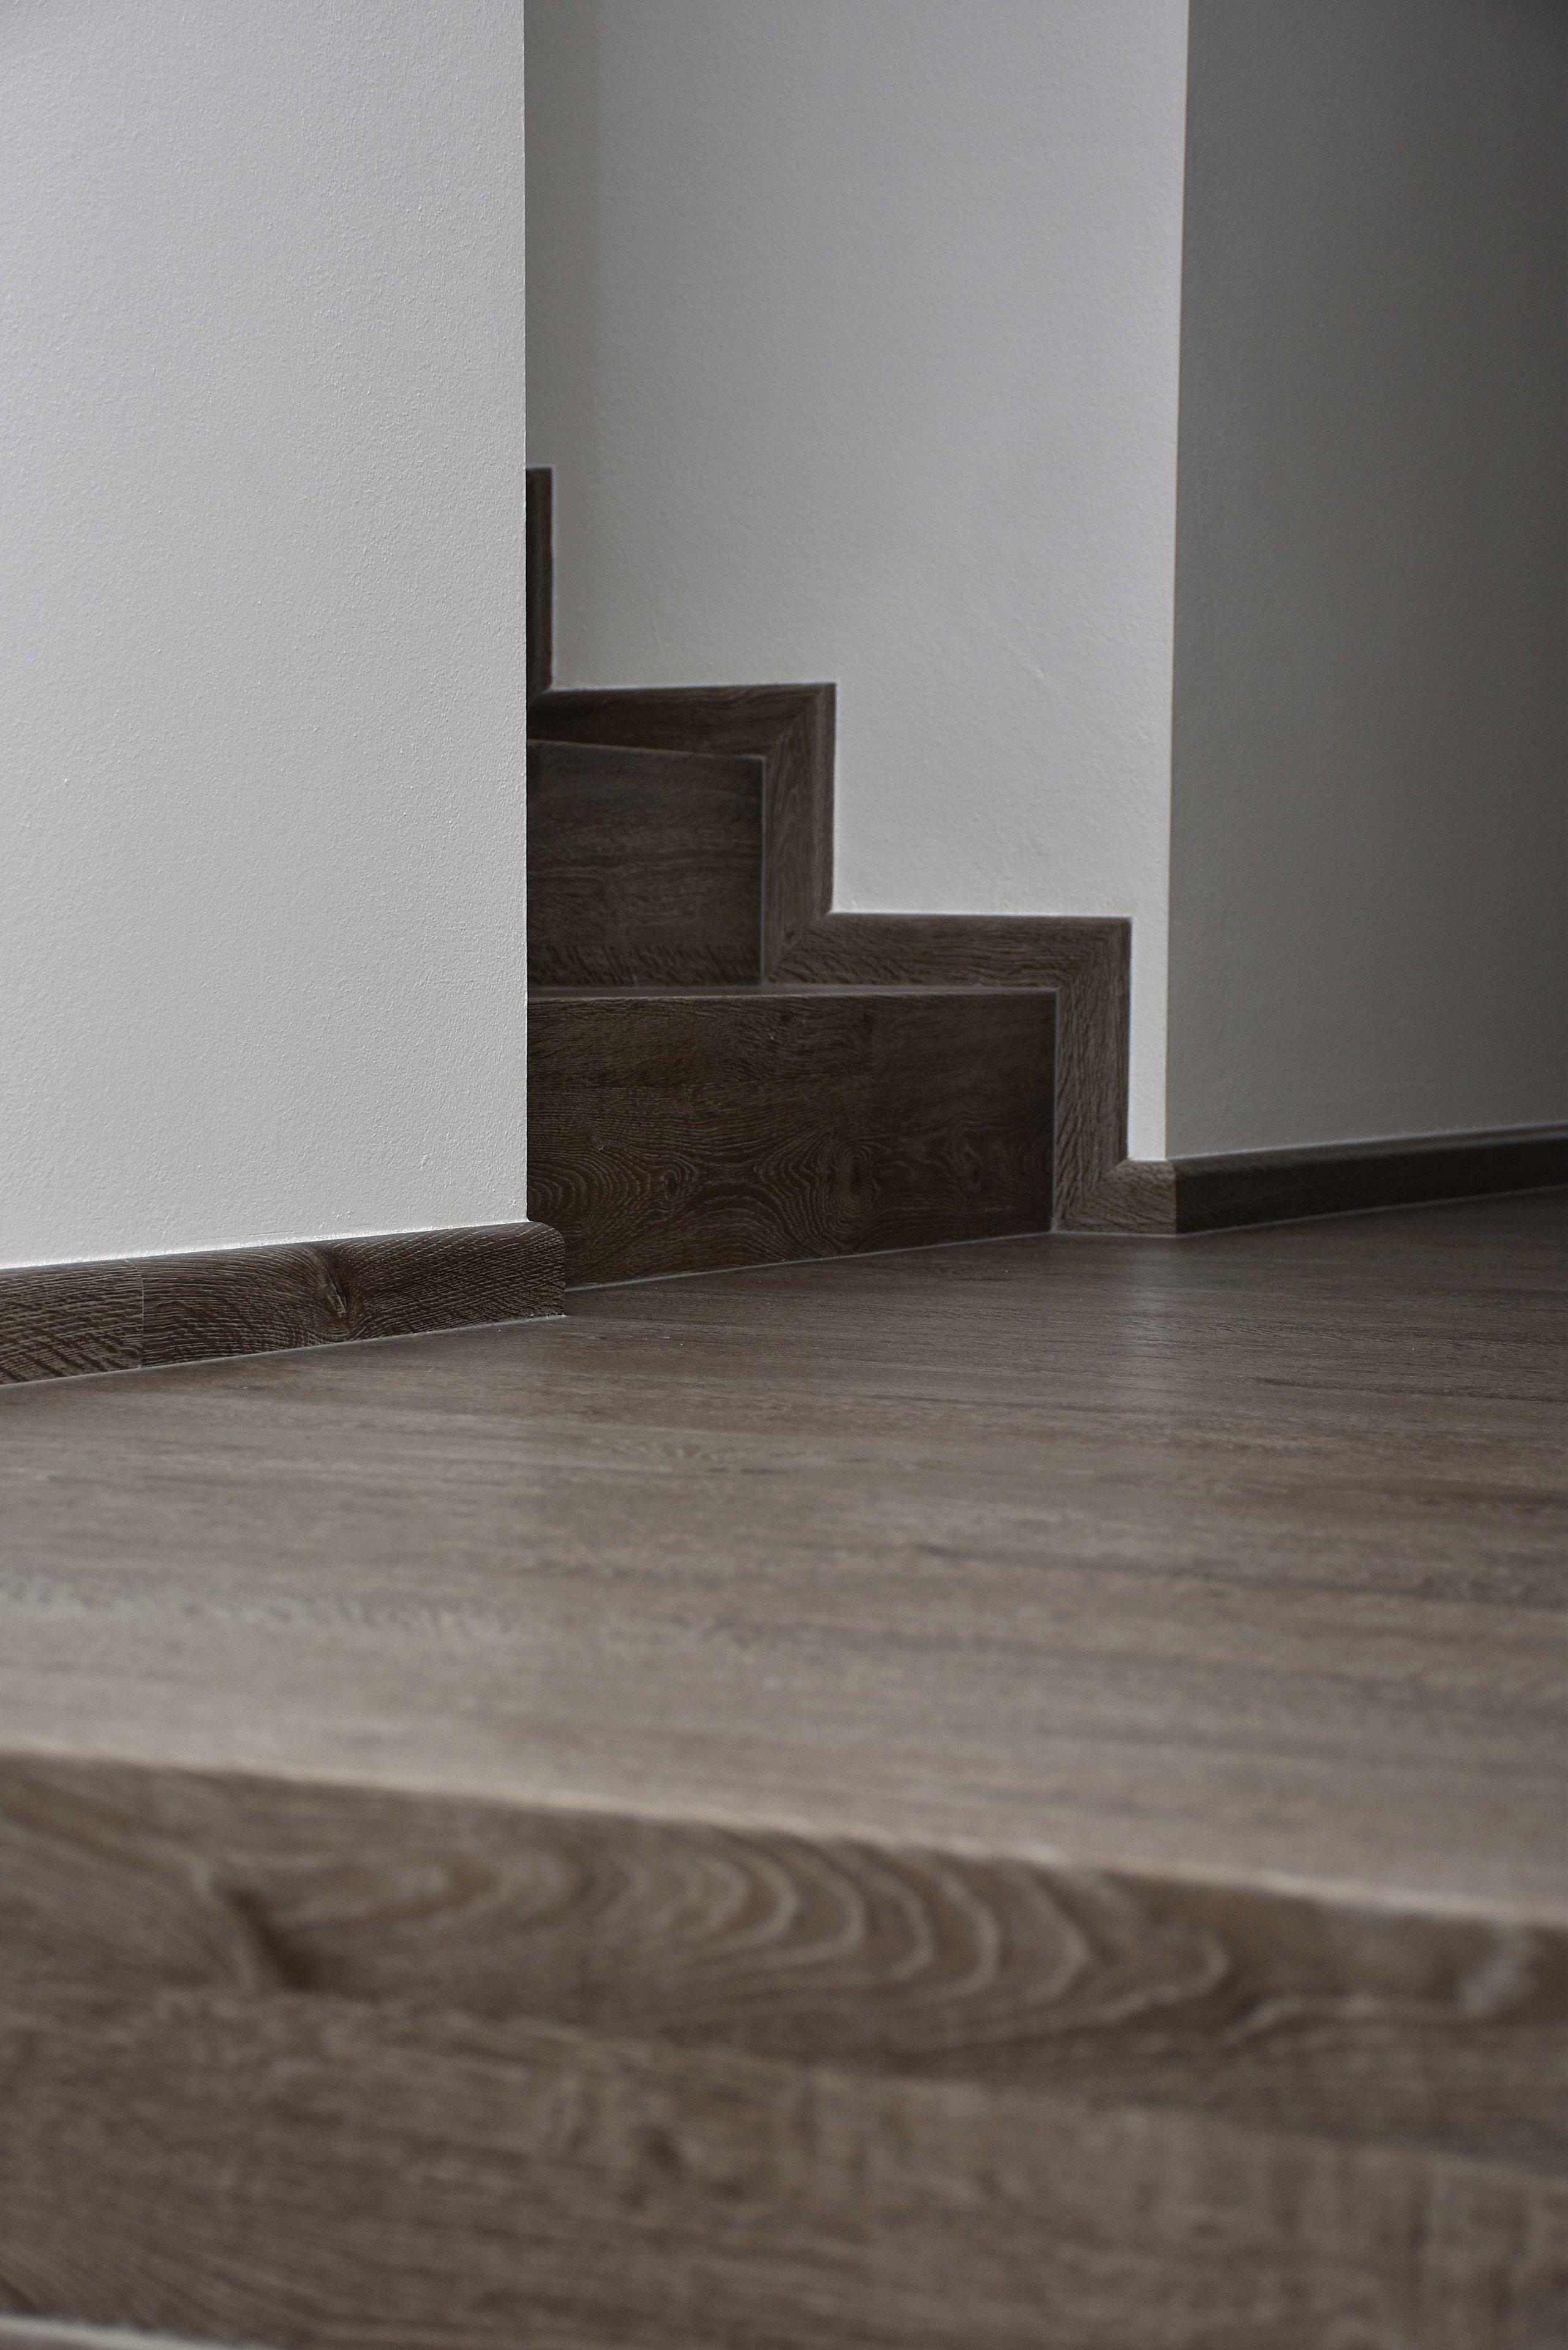 Další ukázka práce podlahářu z Bukoma group. Podlahová plocha v téměř celém domě stejně jako schodiště je pokryto celovinylovou podlahou BUKOMA PREMIUM CLICK s…